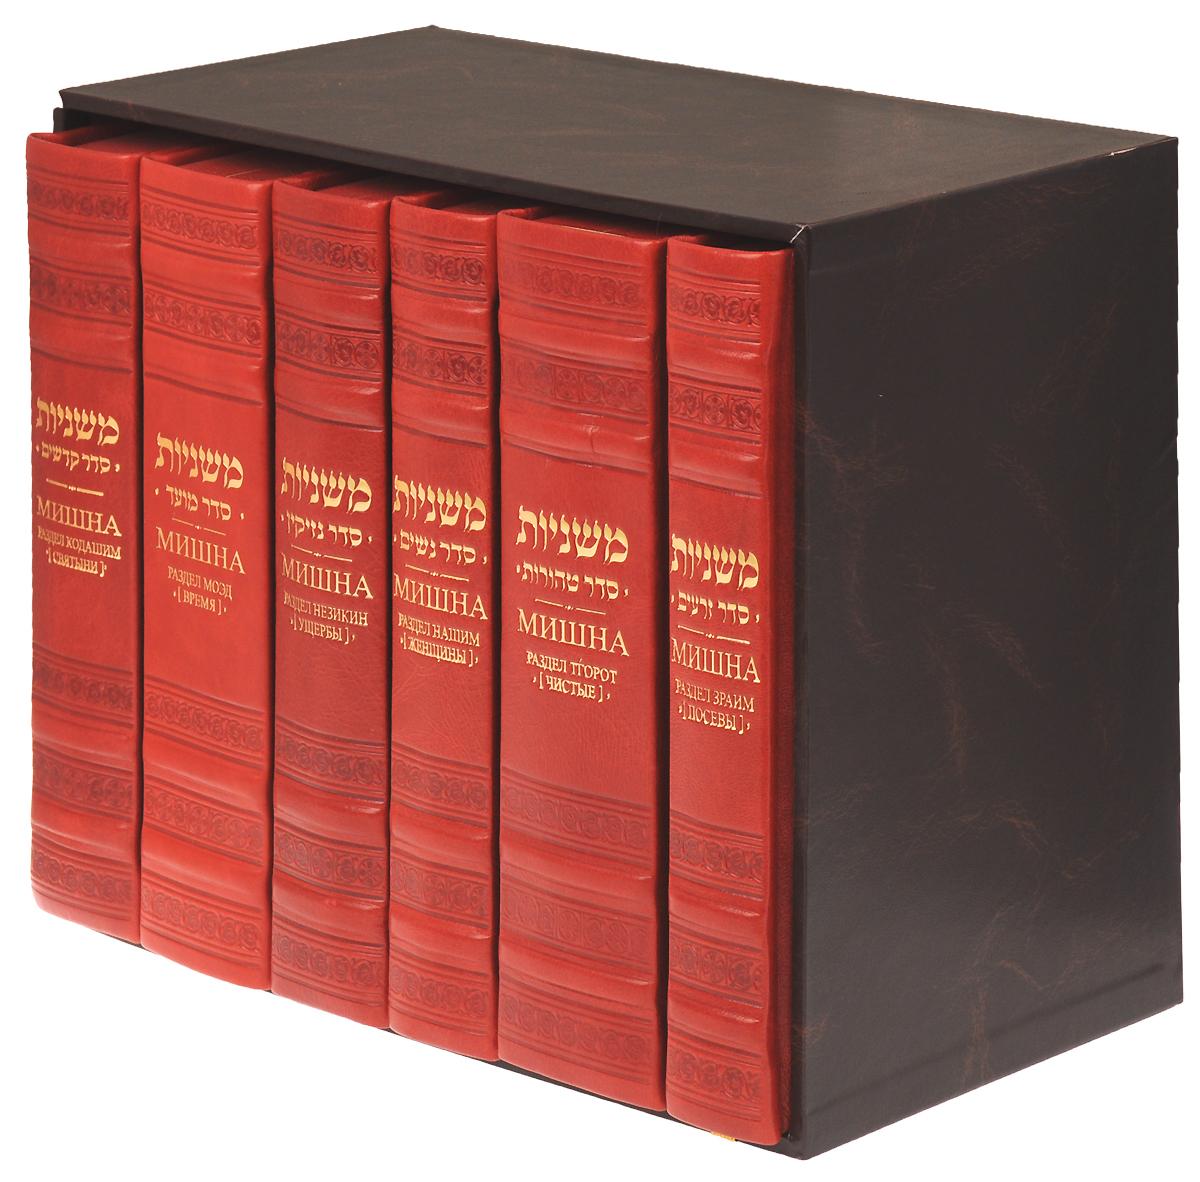 Мишна (подарочный комплект из 6 книг) материалы для истории антиеврейских погромов в россии том i дубоссарское и кишеневское дела 1903 года